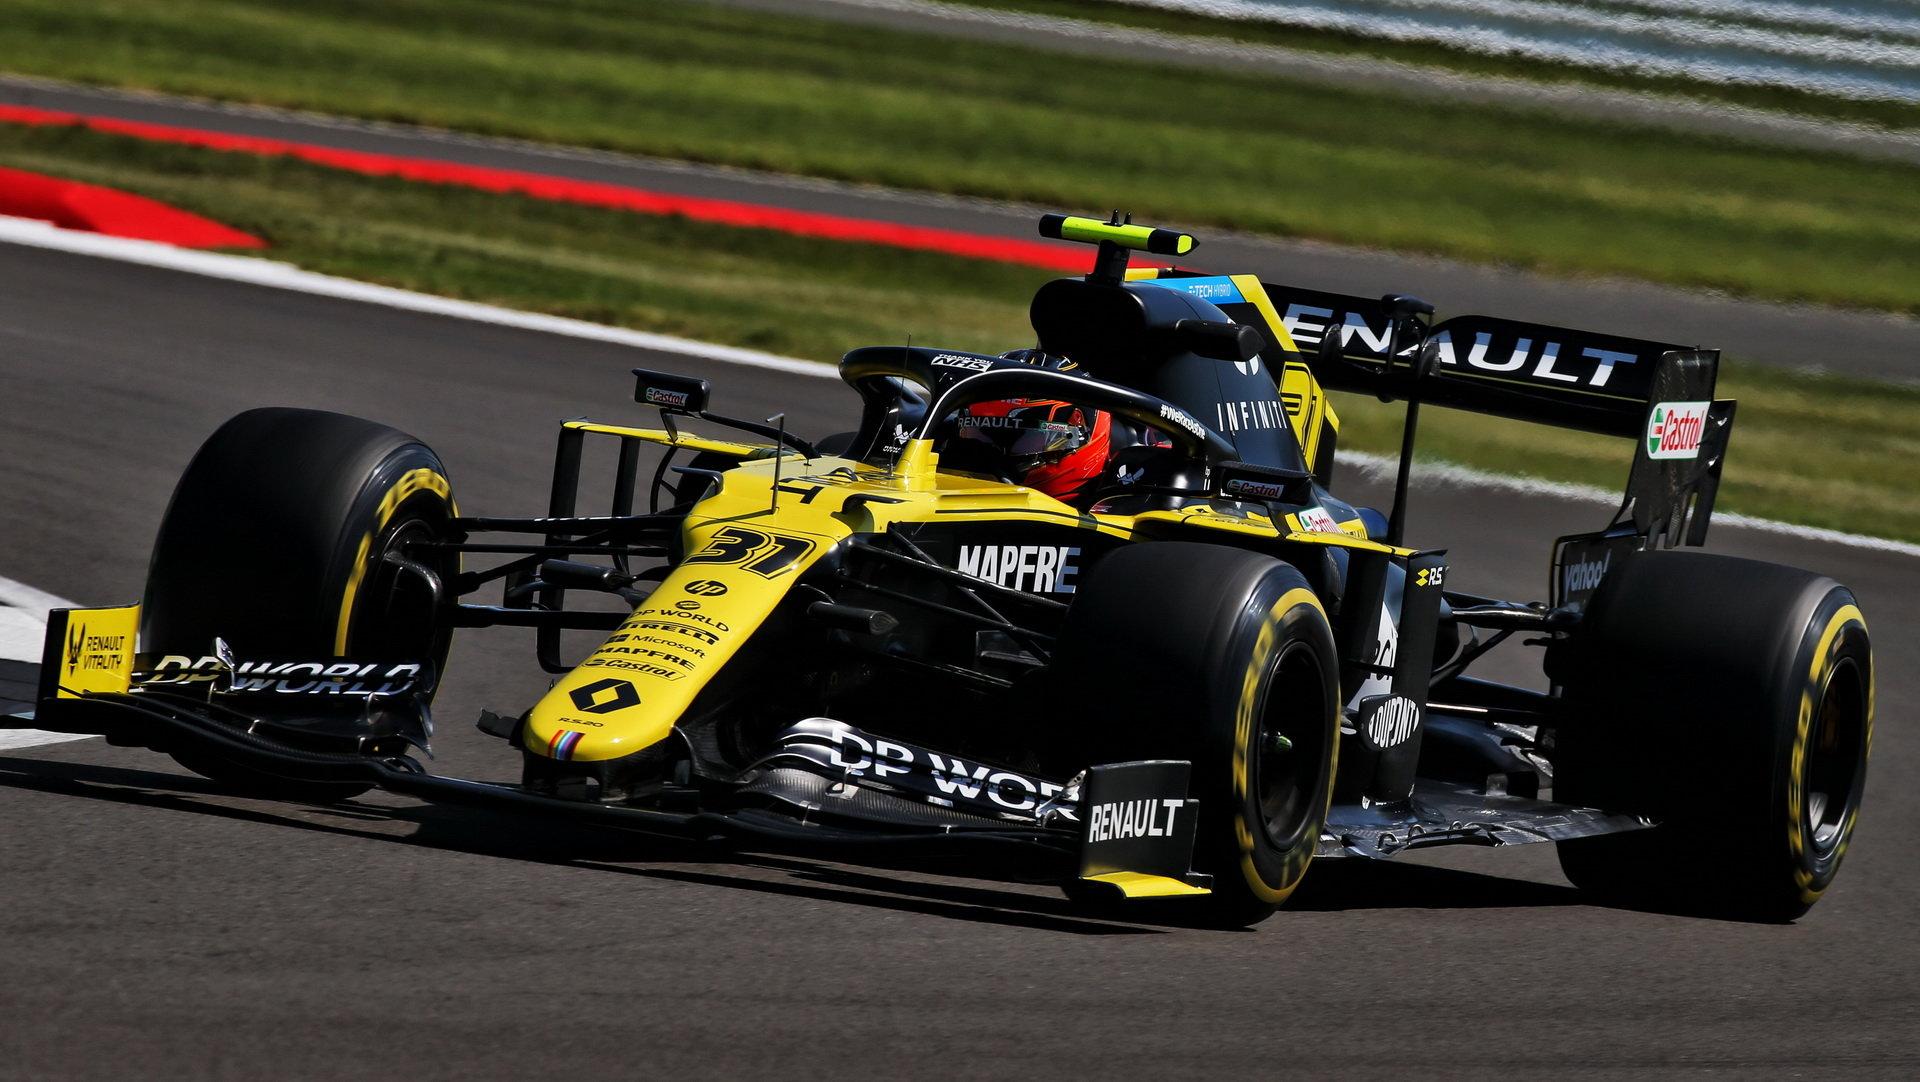 Renault má letos konkurenceschopný vůz, s nímž může bojovat mezi konstruktéry o bronz